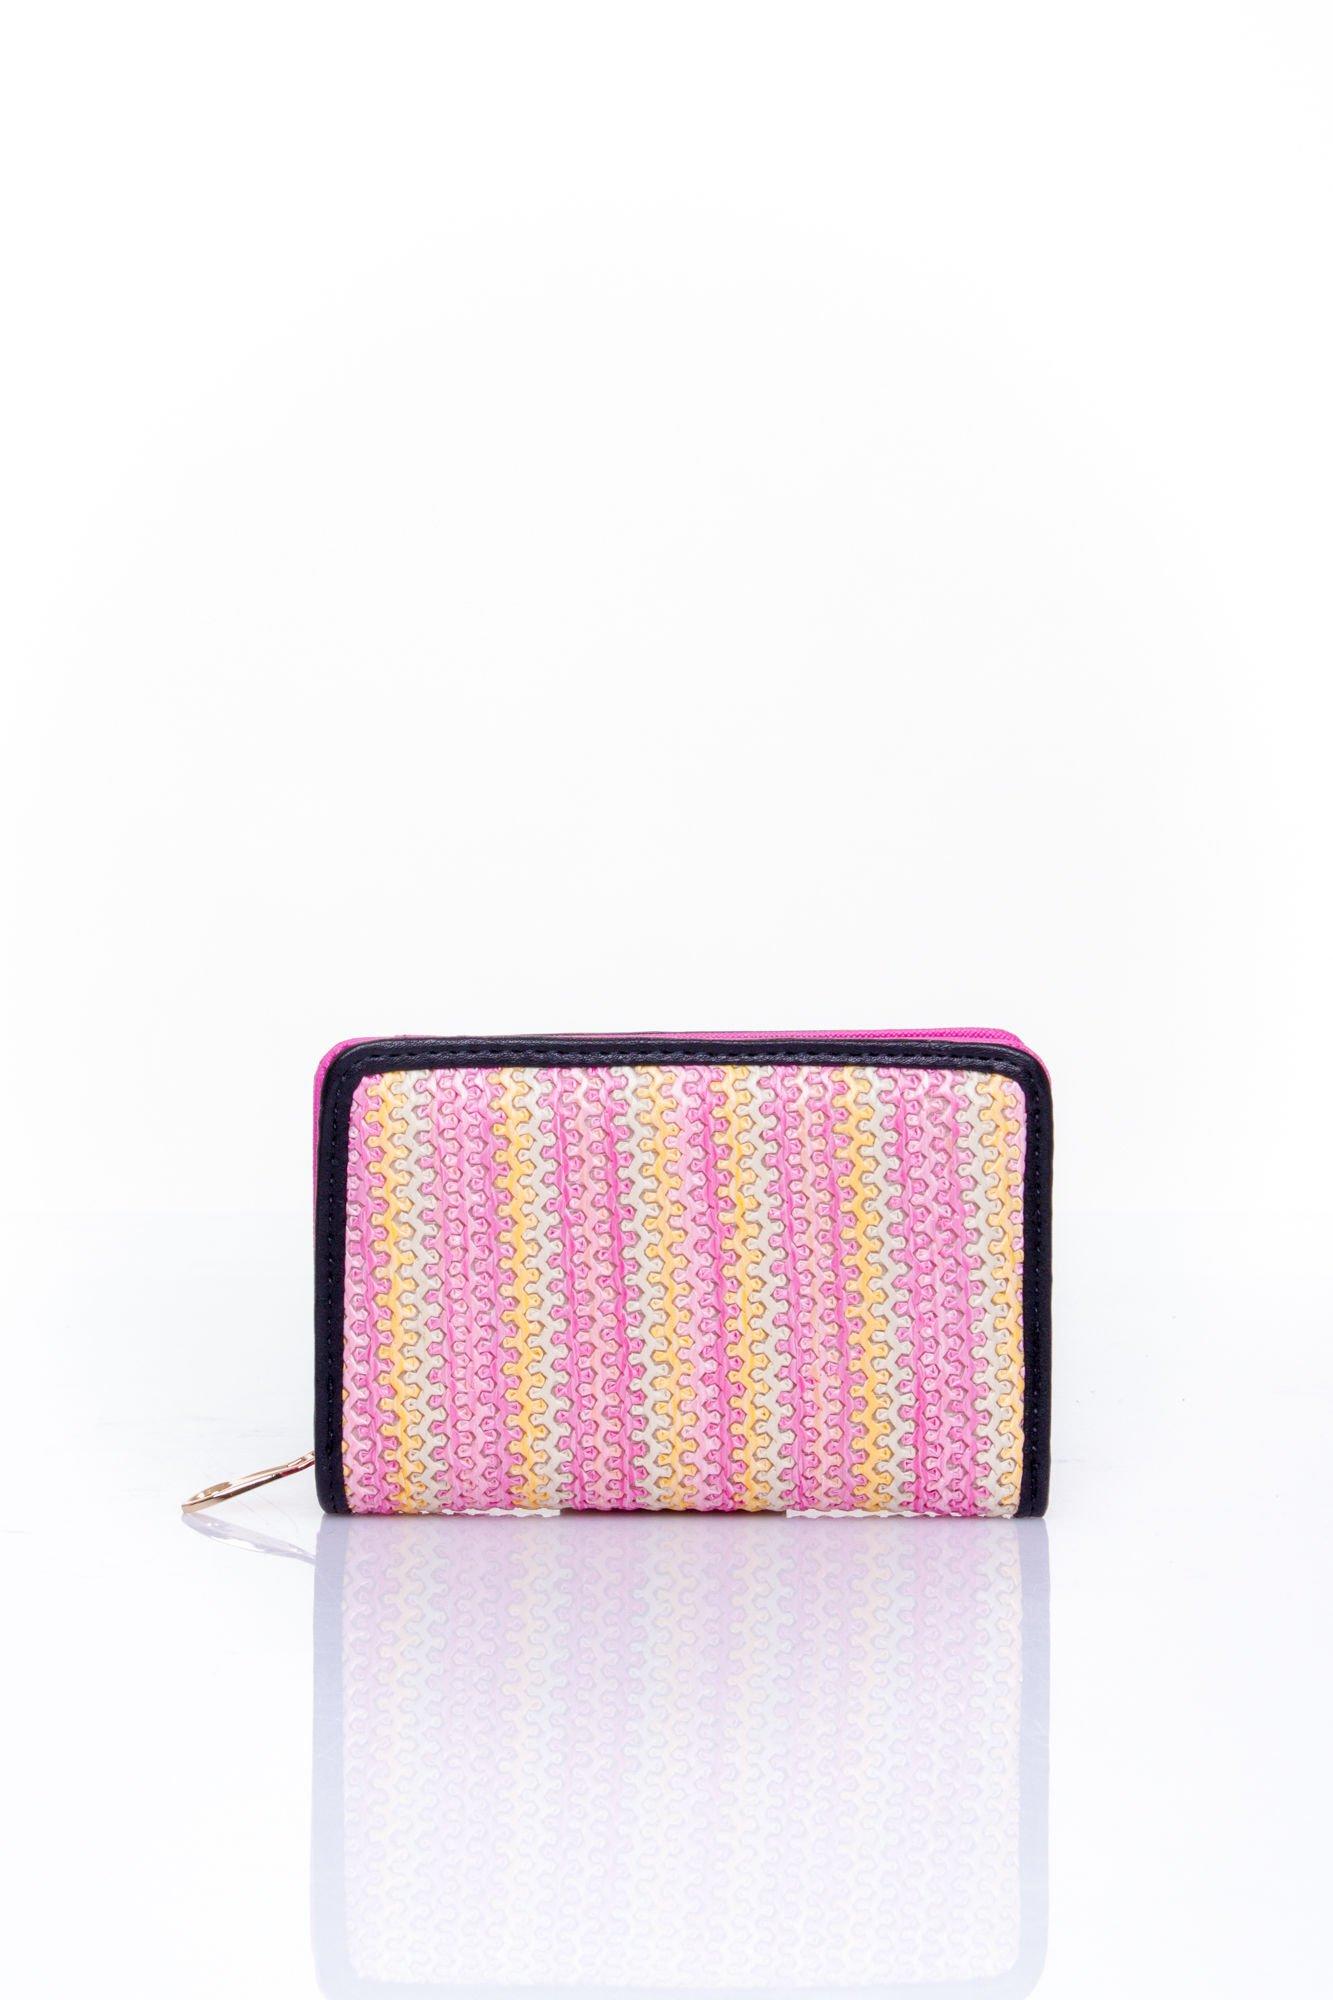 Różowy portfel z plecionkowym wykończeniem                                  zdj.                                  1